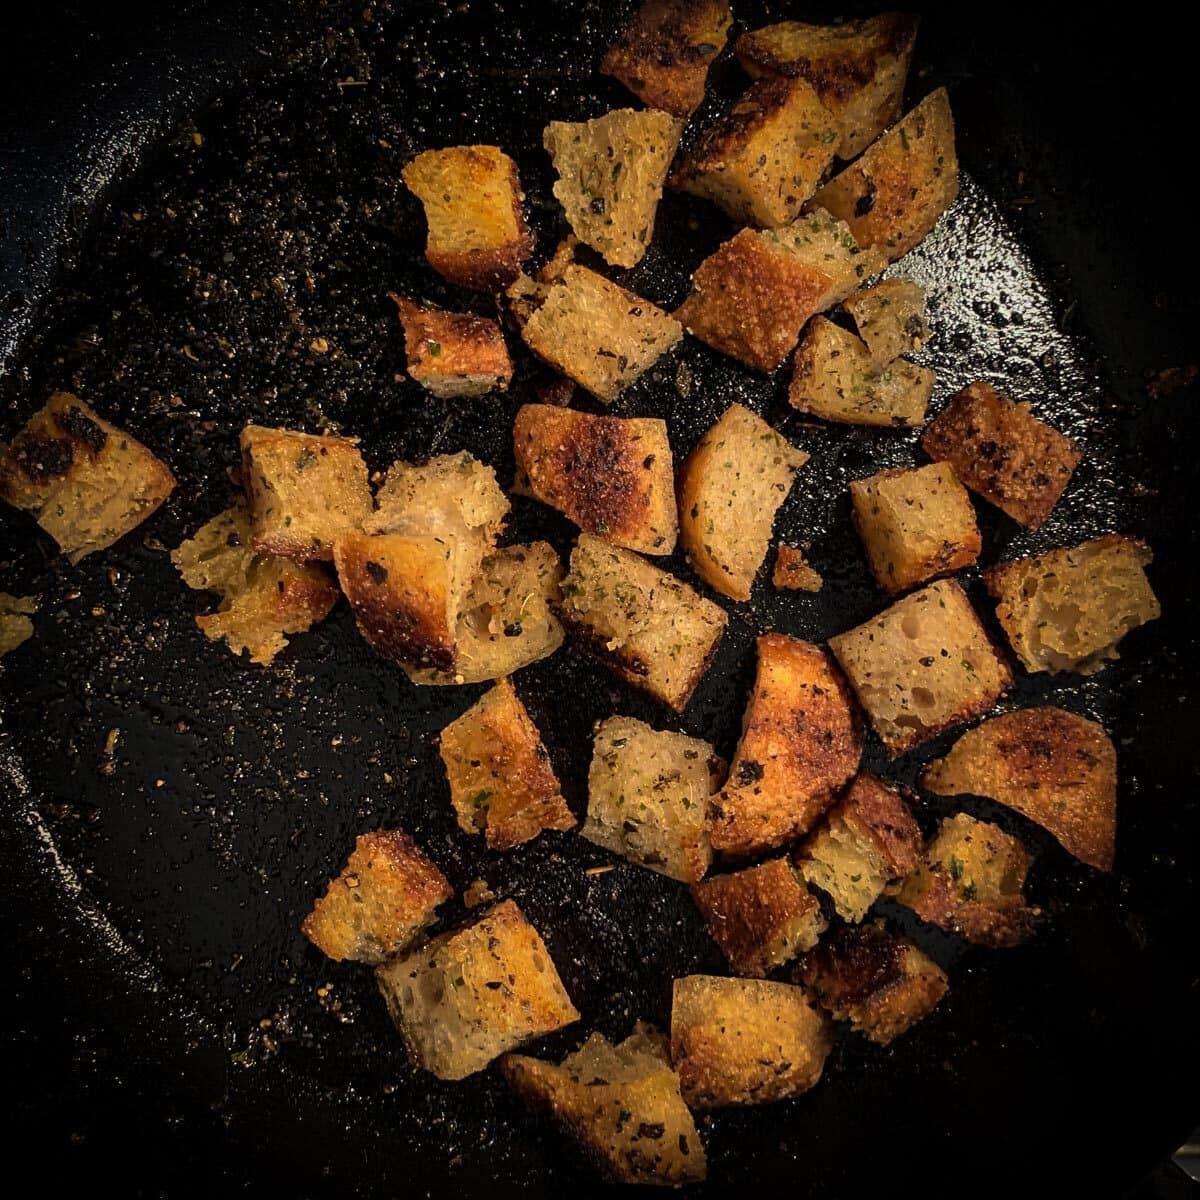 top view of seasoned croutons in black pan